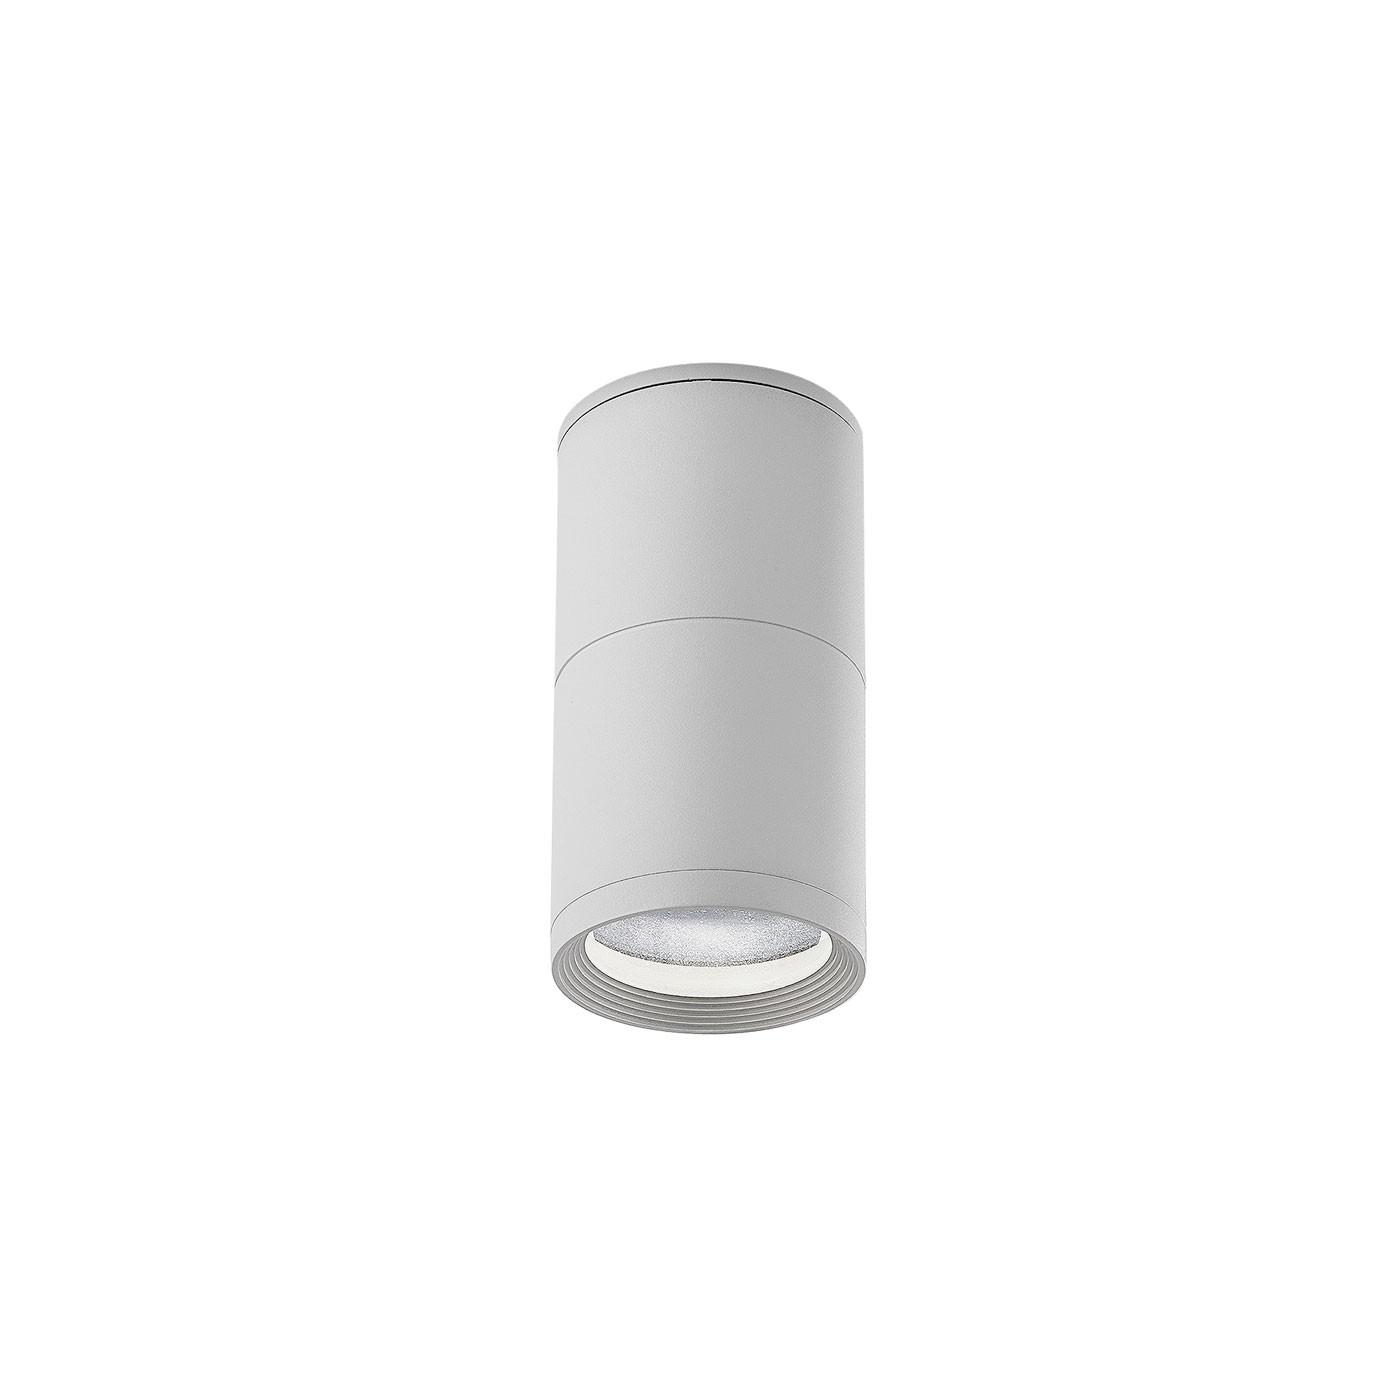 DLS Lighting CL 15 Deckenleuchte